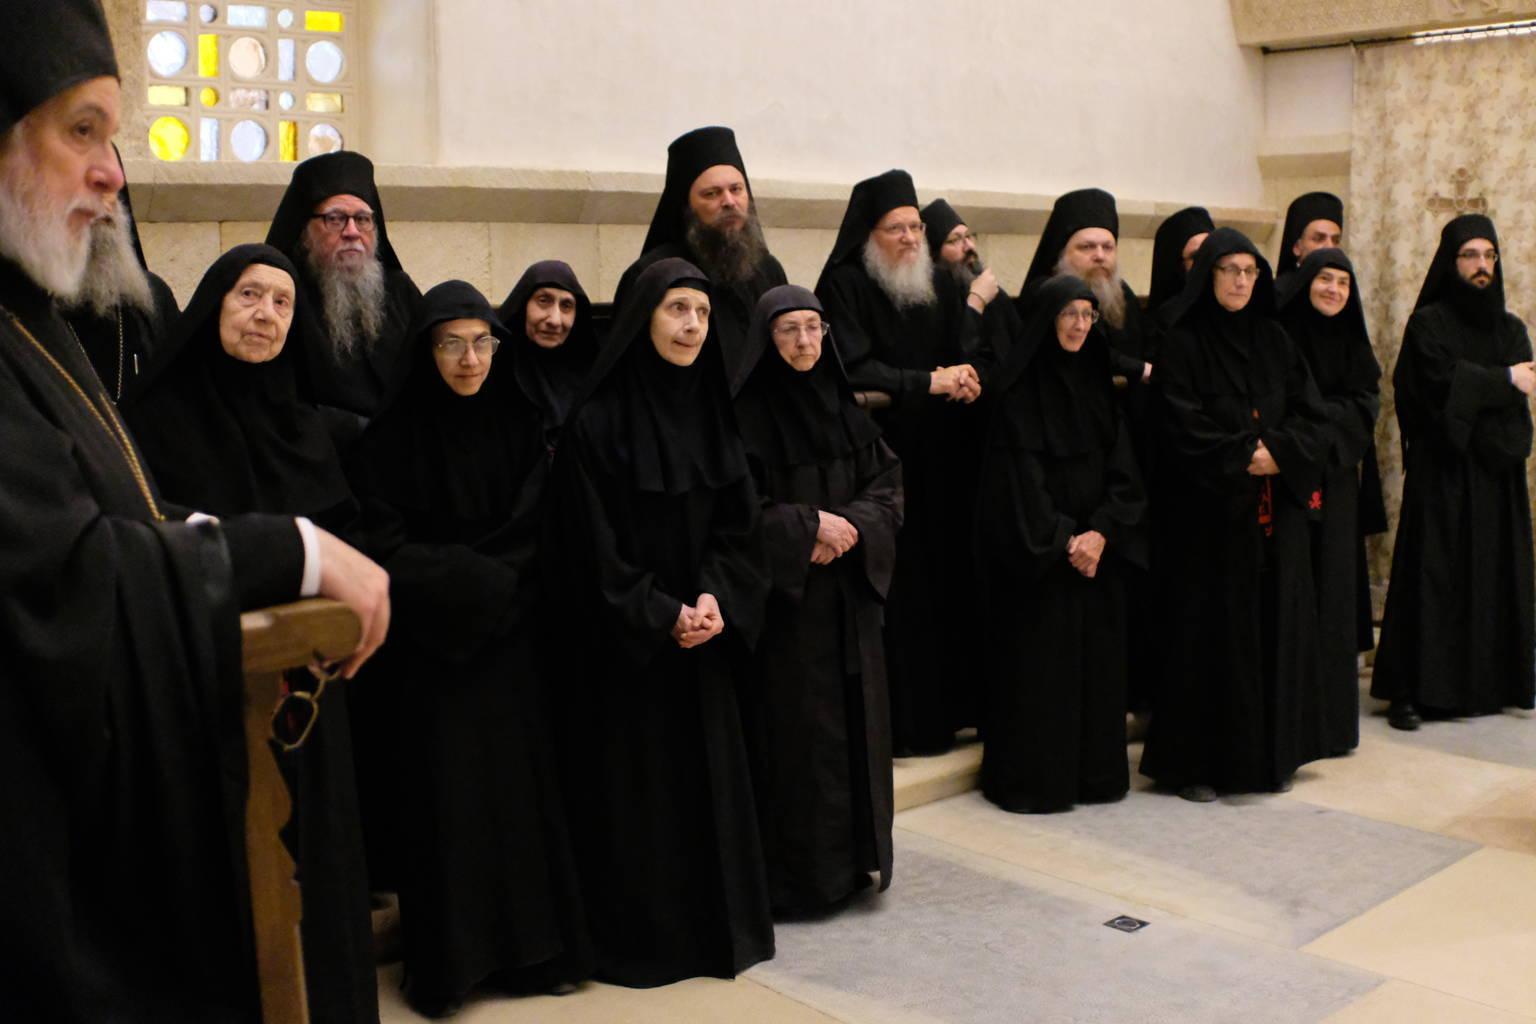 12 10 2019 25 - Λαμπρά εγκαίνια του Καθολικού της Ι. Μονής Αγίας Σκέπης Σολάν